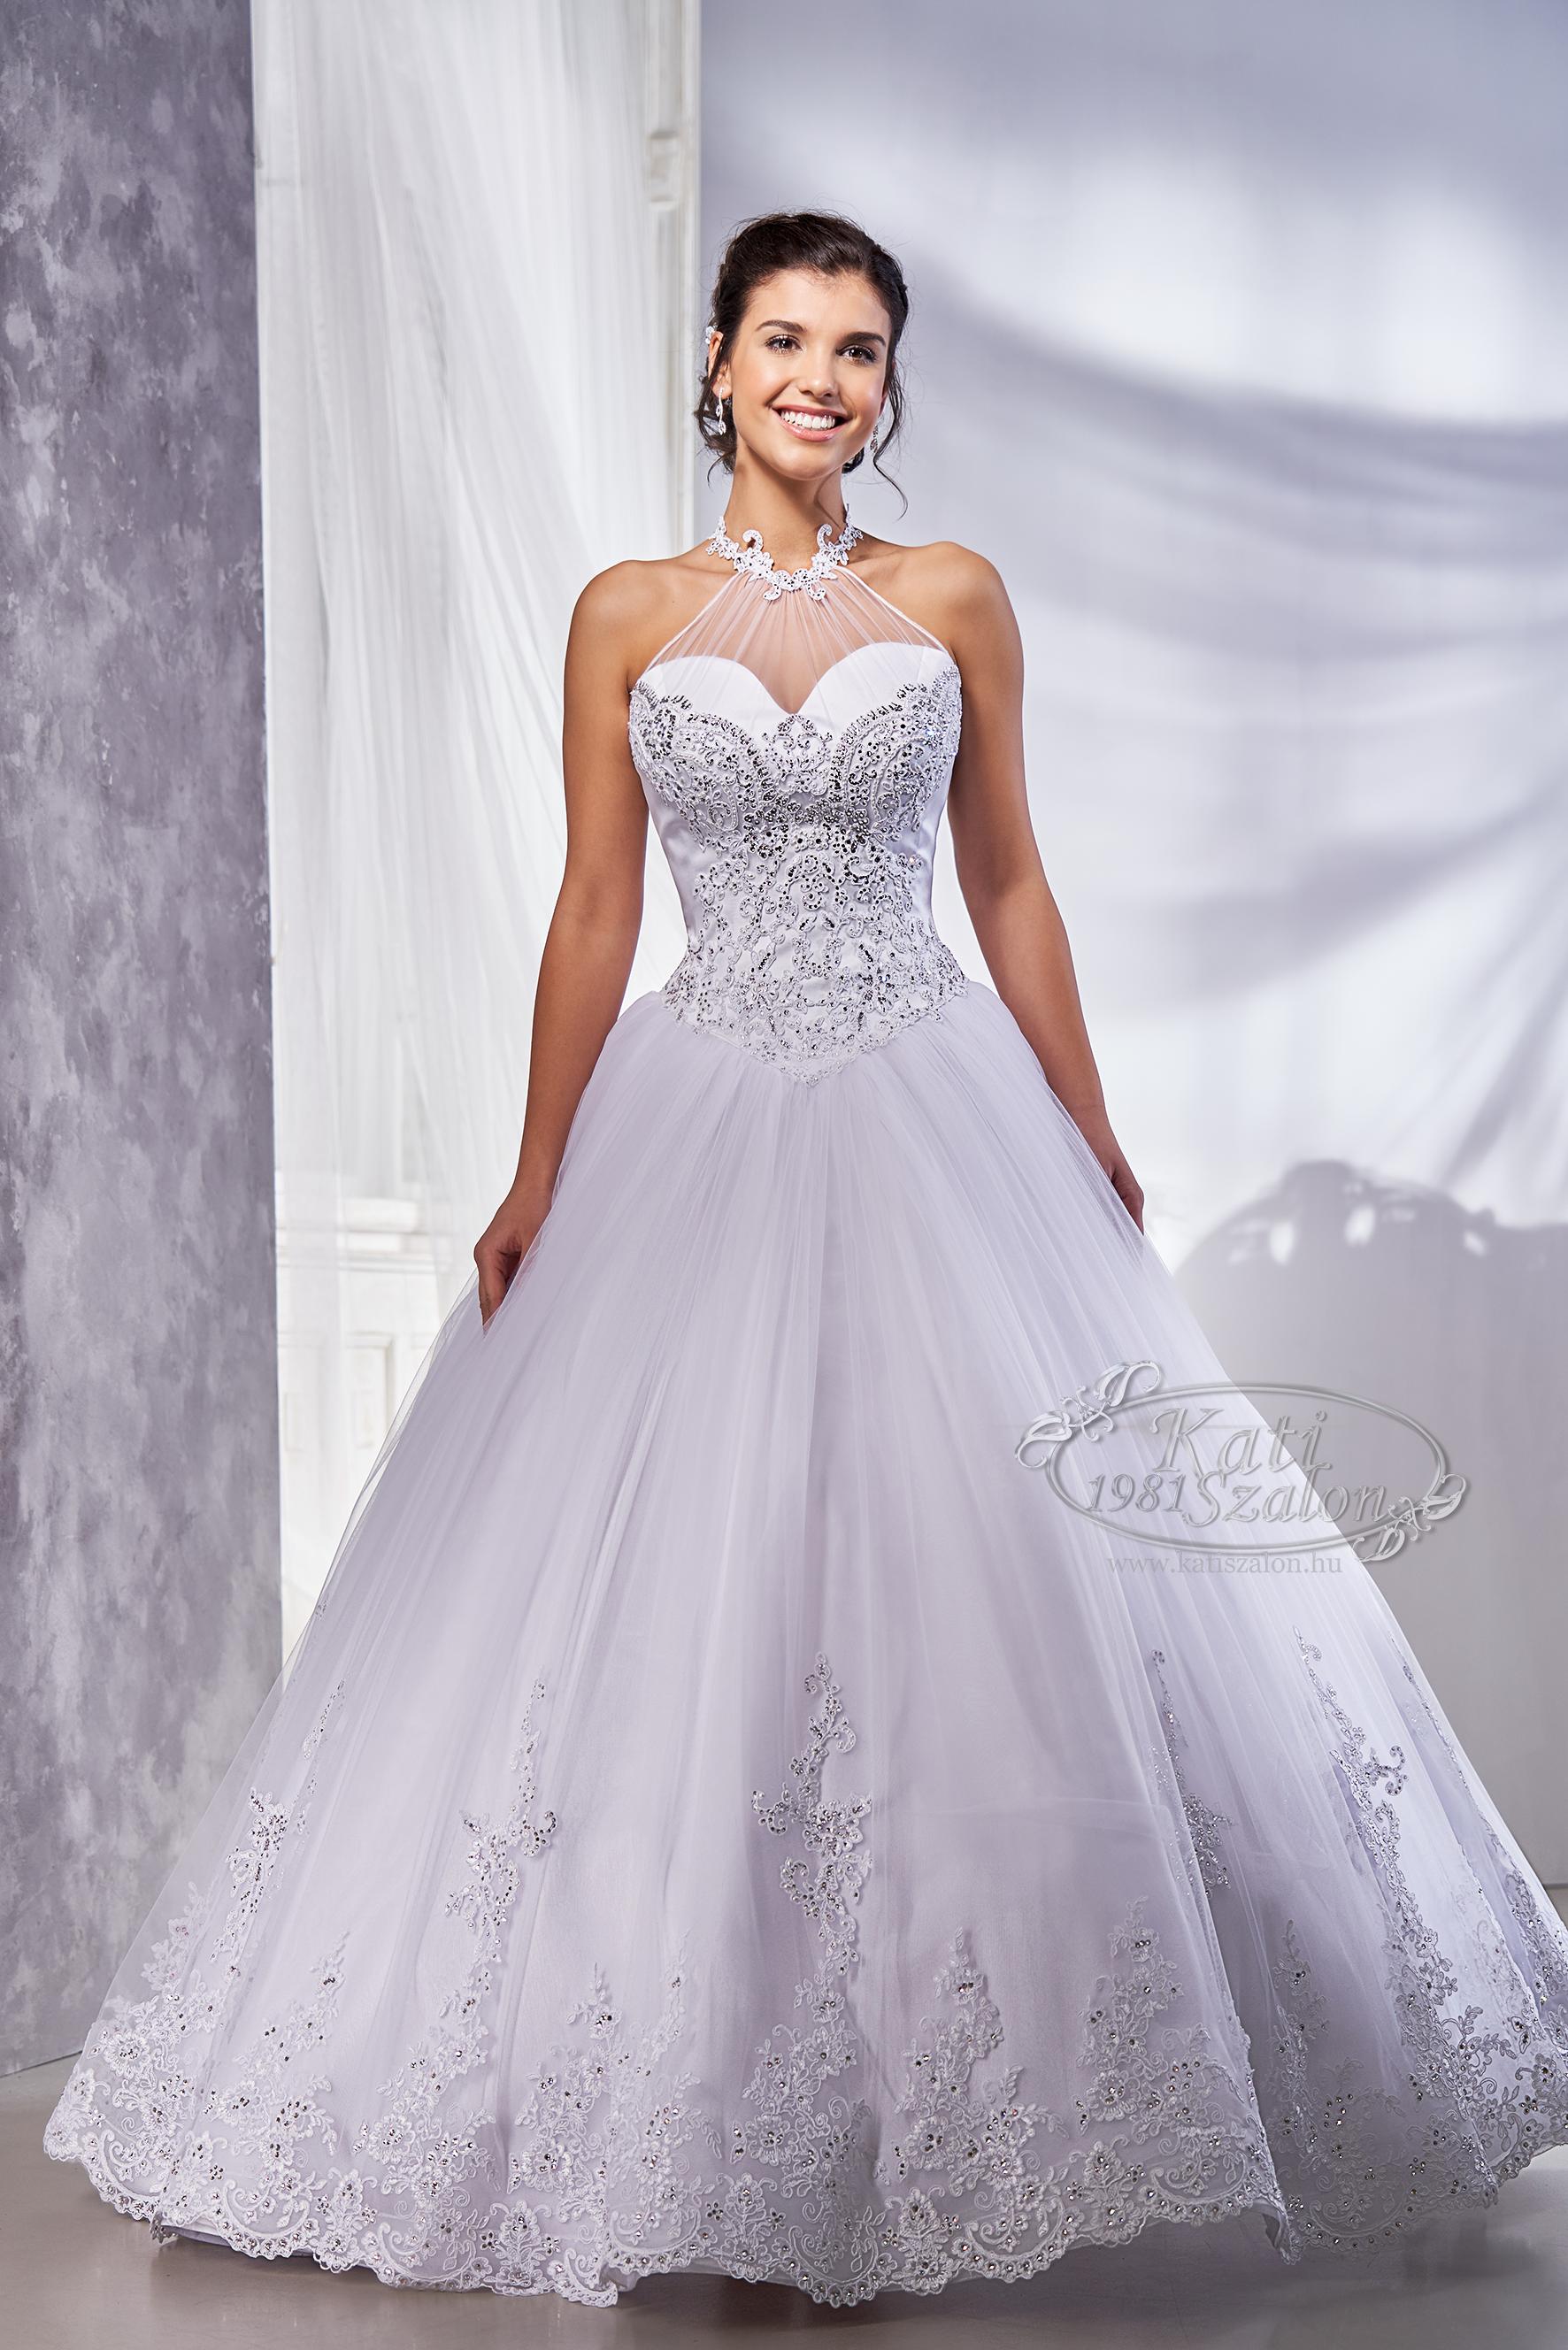 Esküvői ruha nagyszoknyás fazon